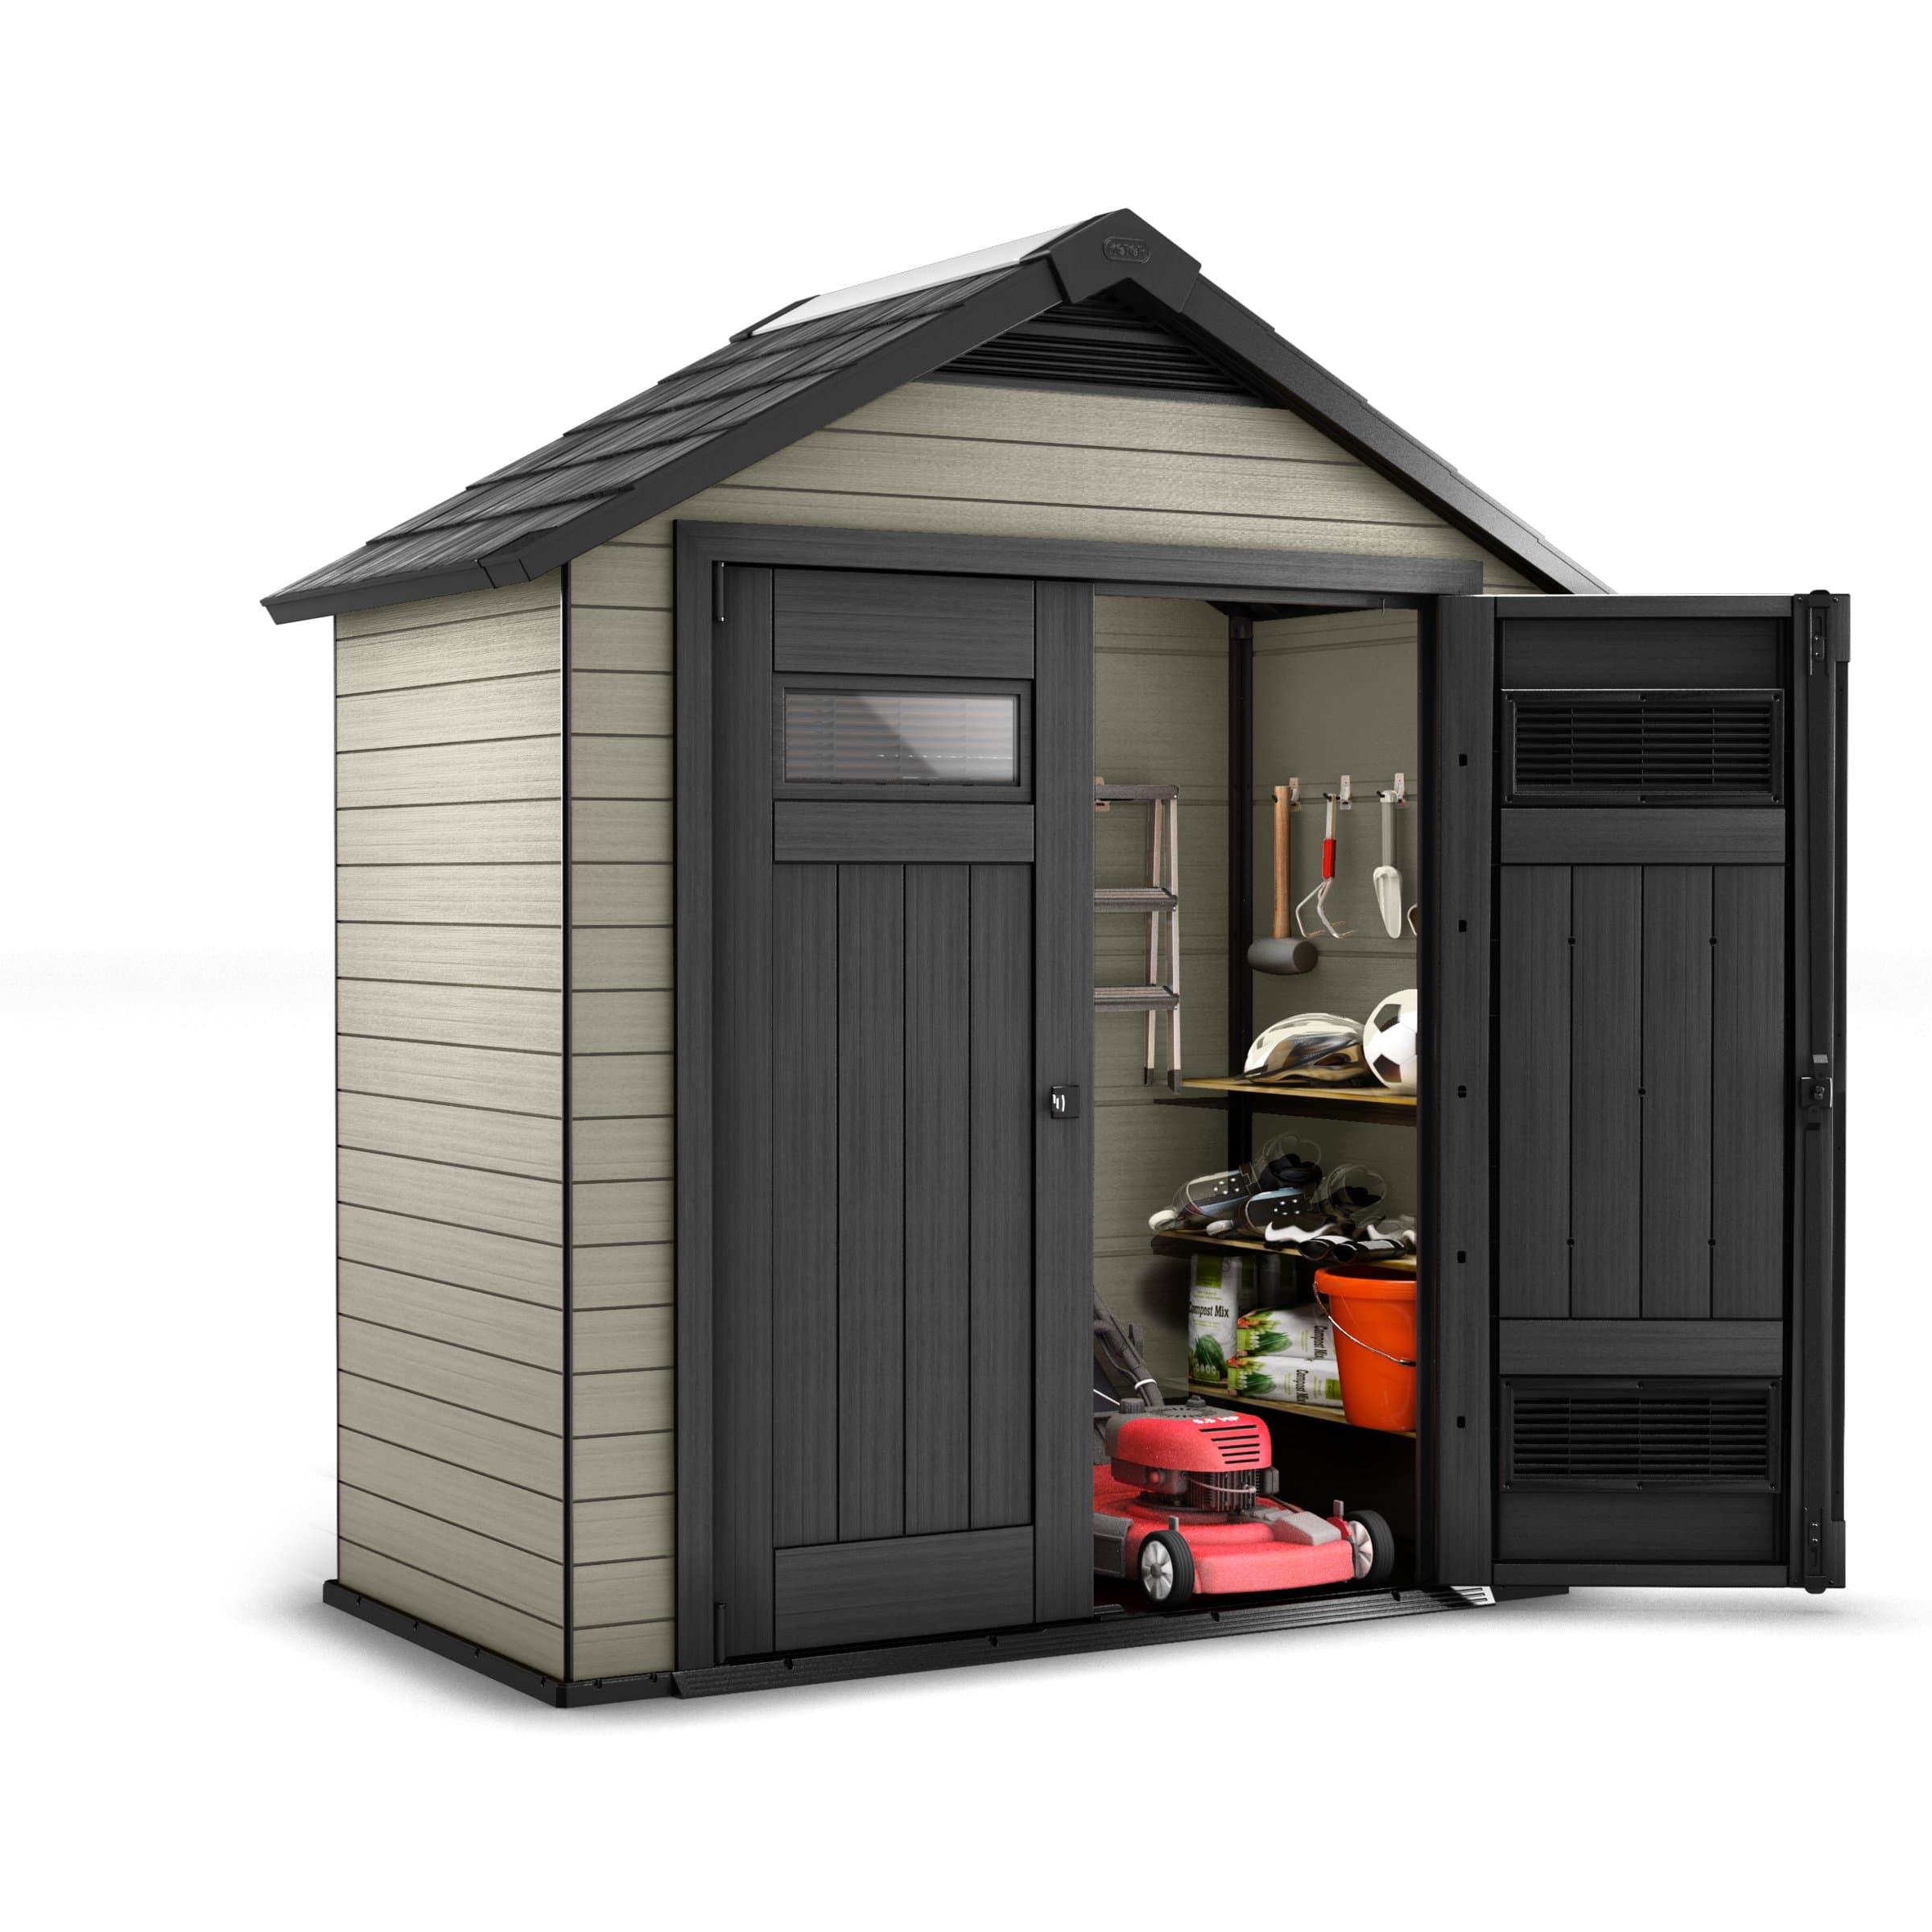 keter maisonnette de jardin wpc 754 migros. Black Bedroom Furniture Sets. Home Design Ideas